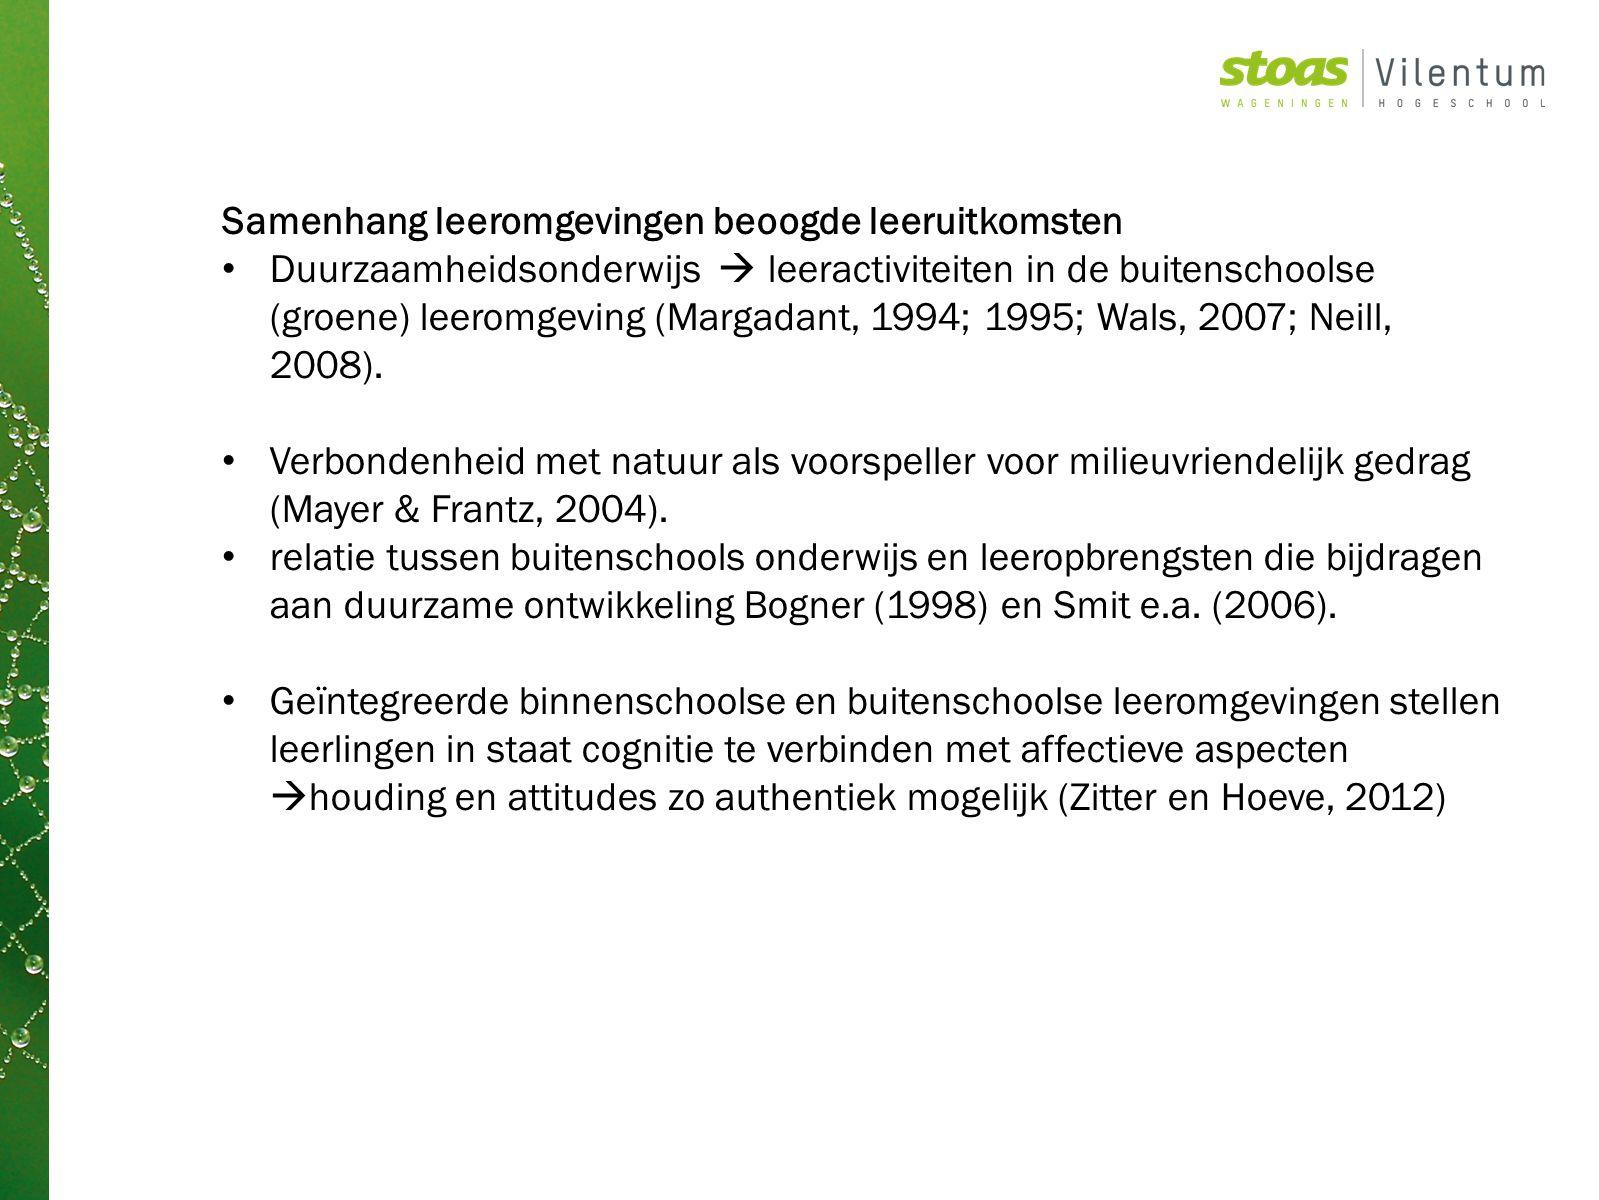 Samenhang leeromgevingen beoogde leeruitkomsten Duurzaamheidsonderwijs  leeractiviteiten in de buitenschoolse (groene) leeromgeving (Margadant, 1994; 1995; Wals, 2007; Neill, 2008).